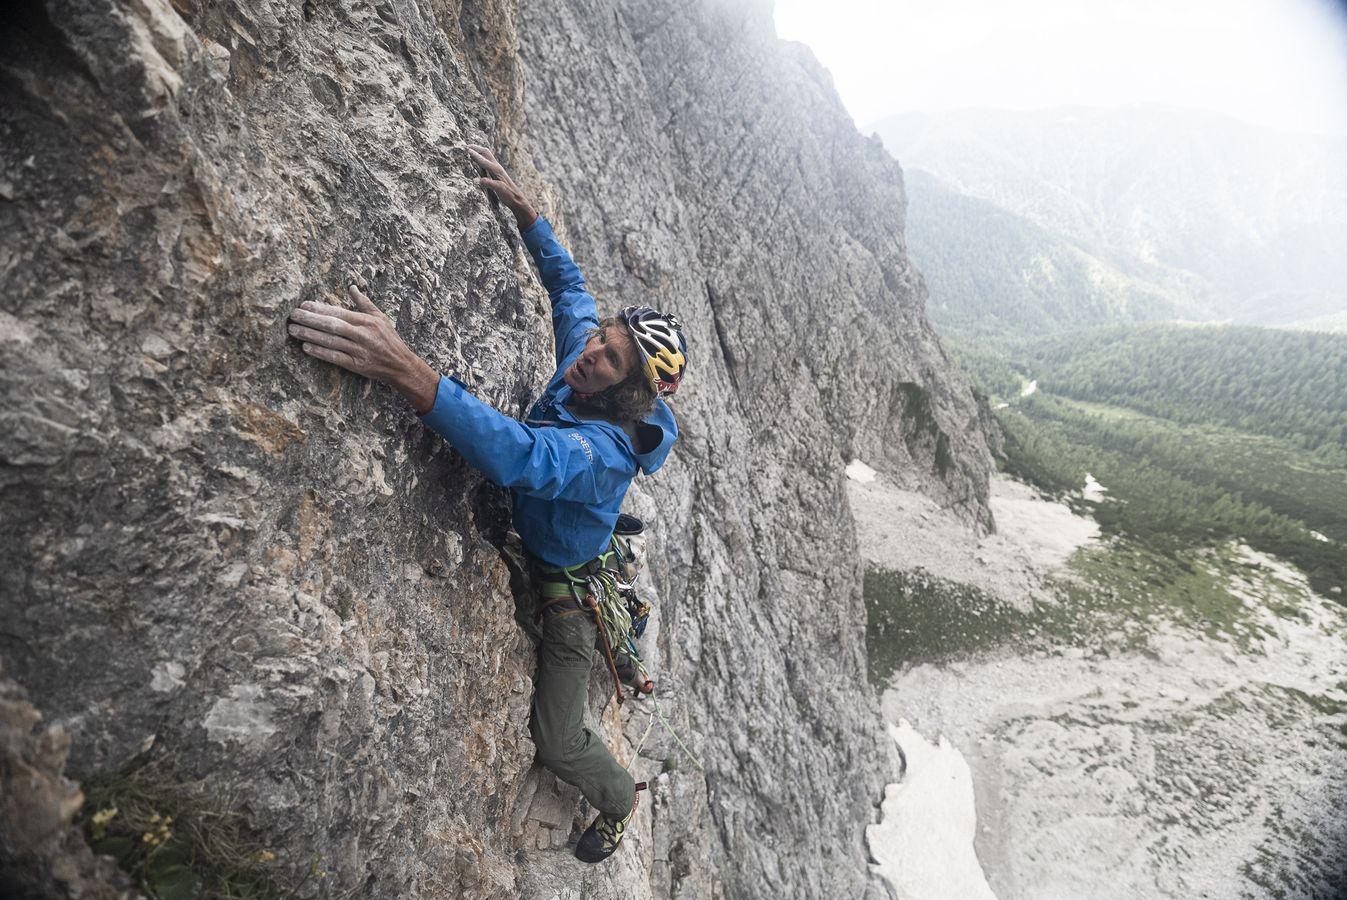 Stefan Głowacz klettert Wallride Expedition